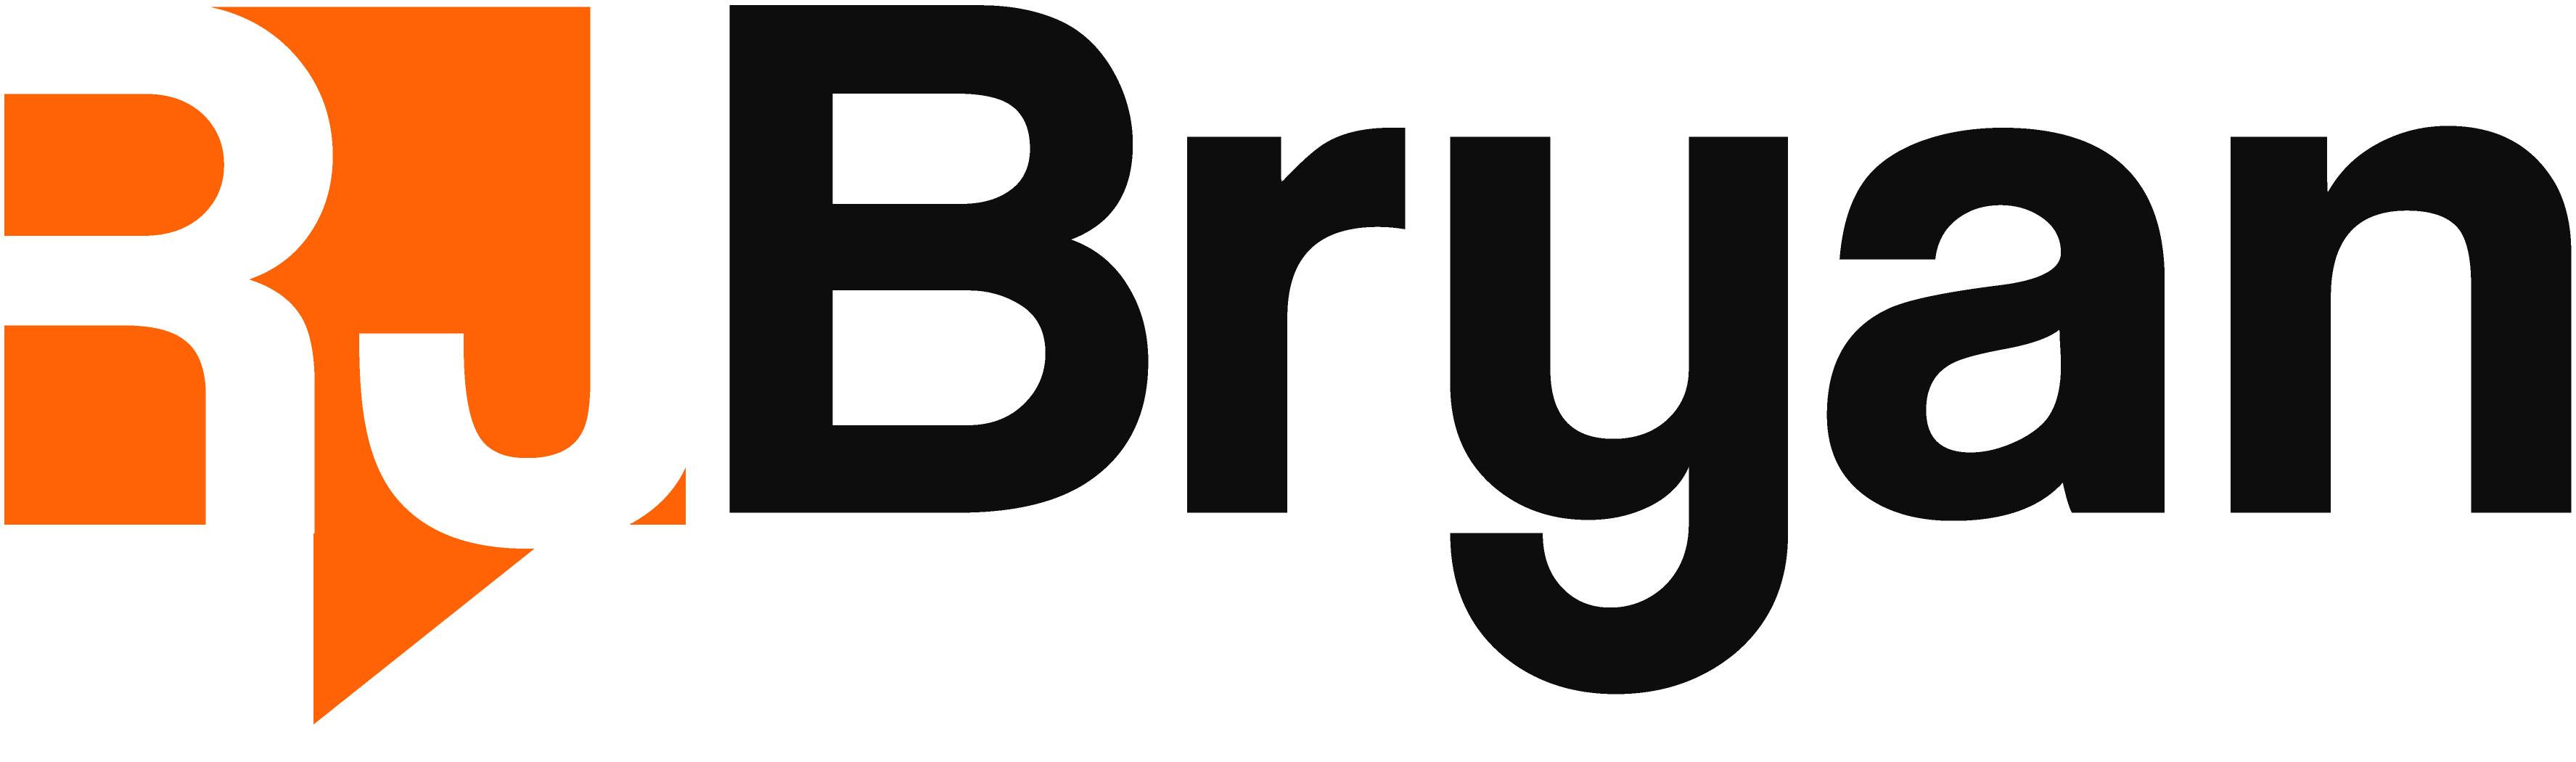 RJ Bryan